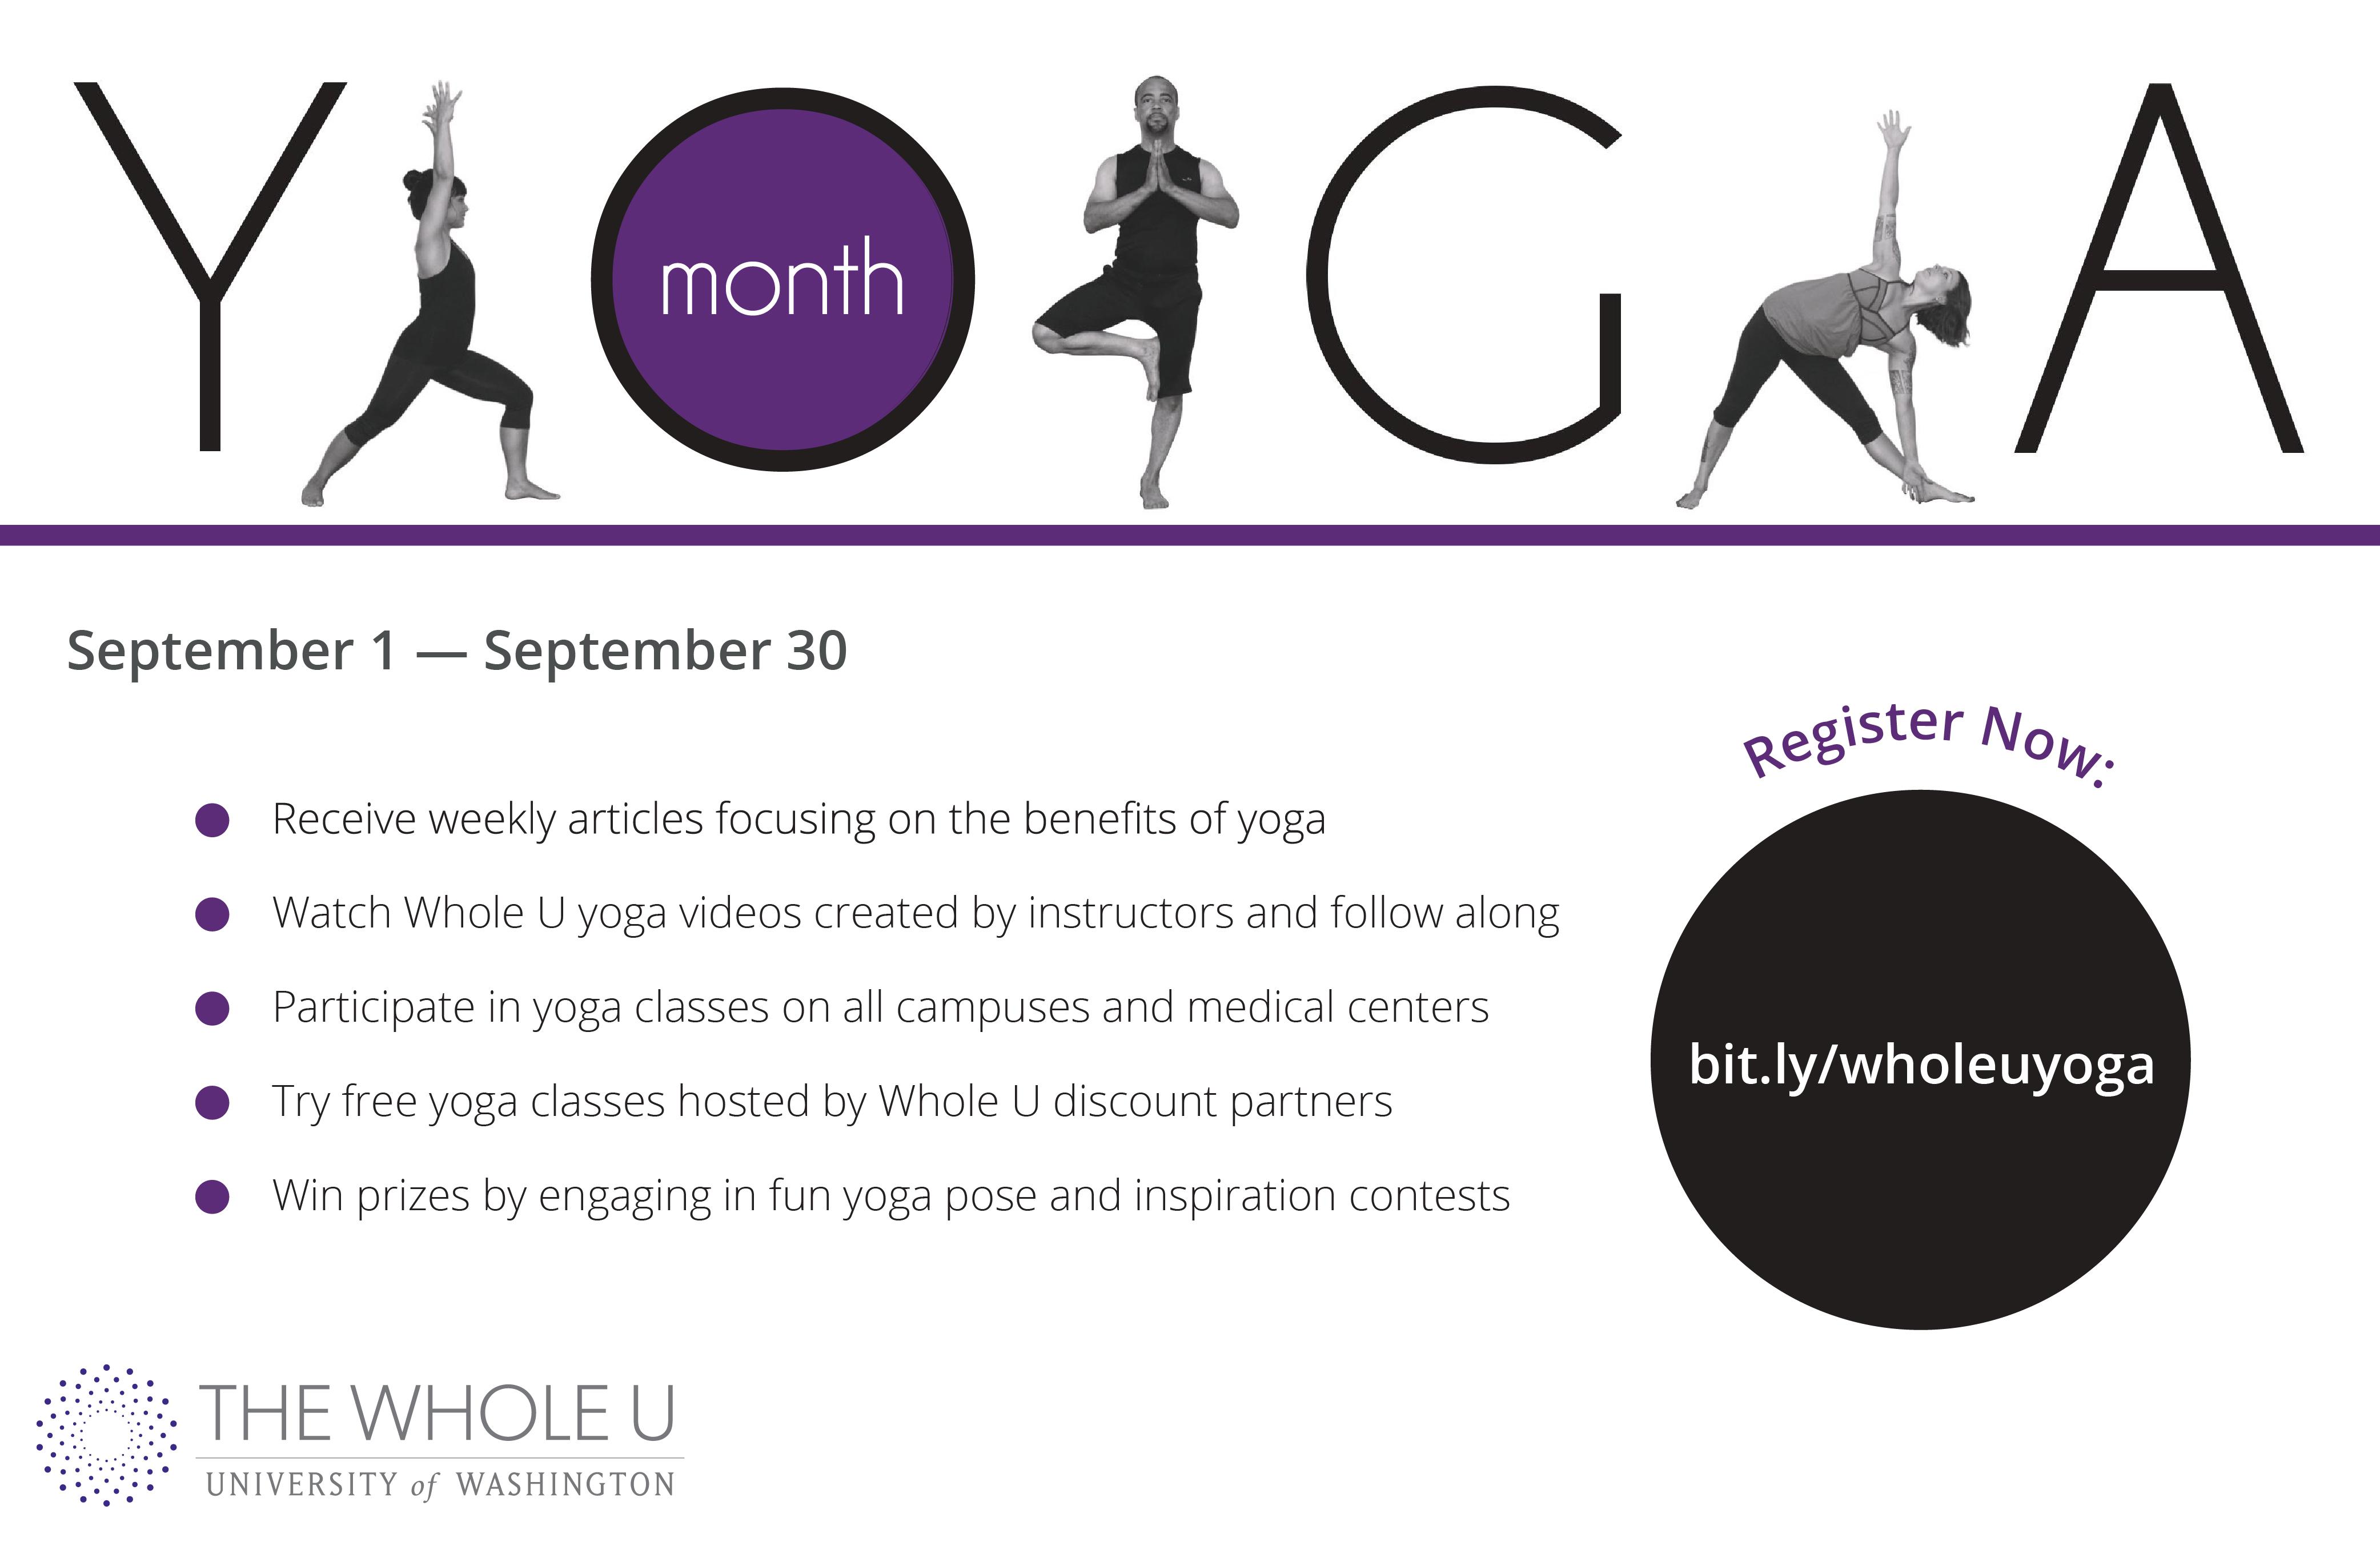 UW national yoga month